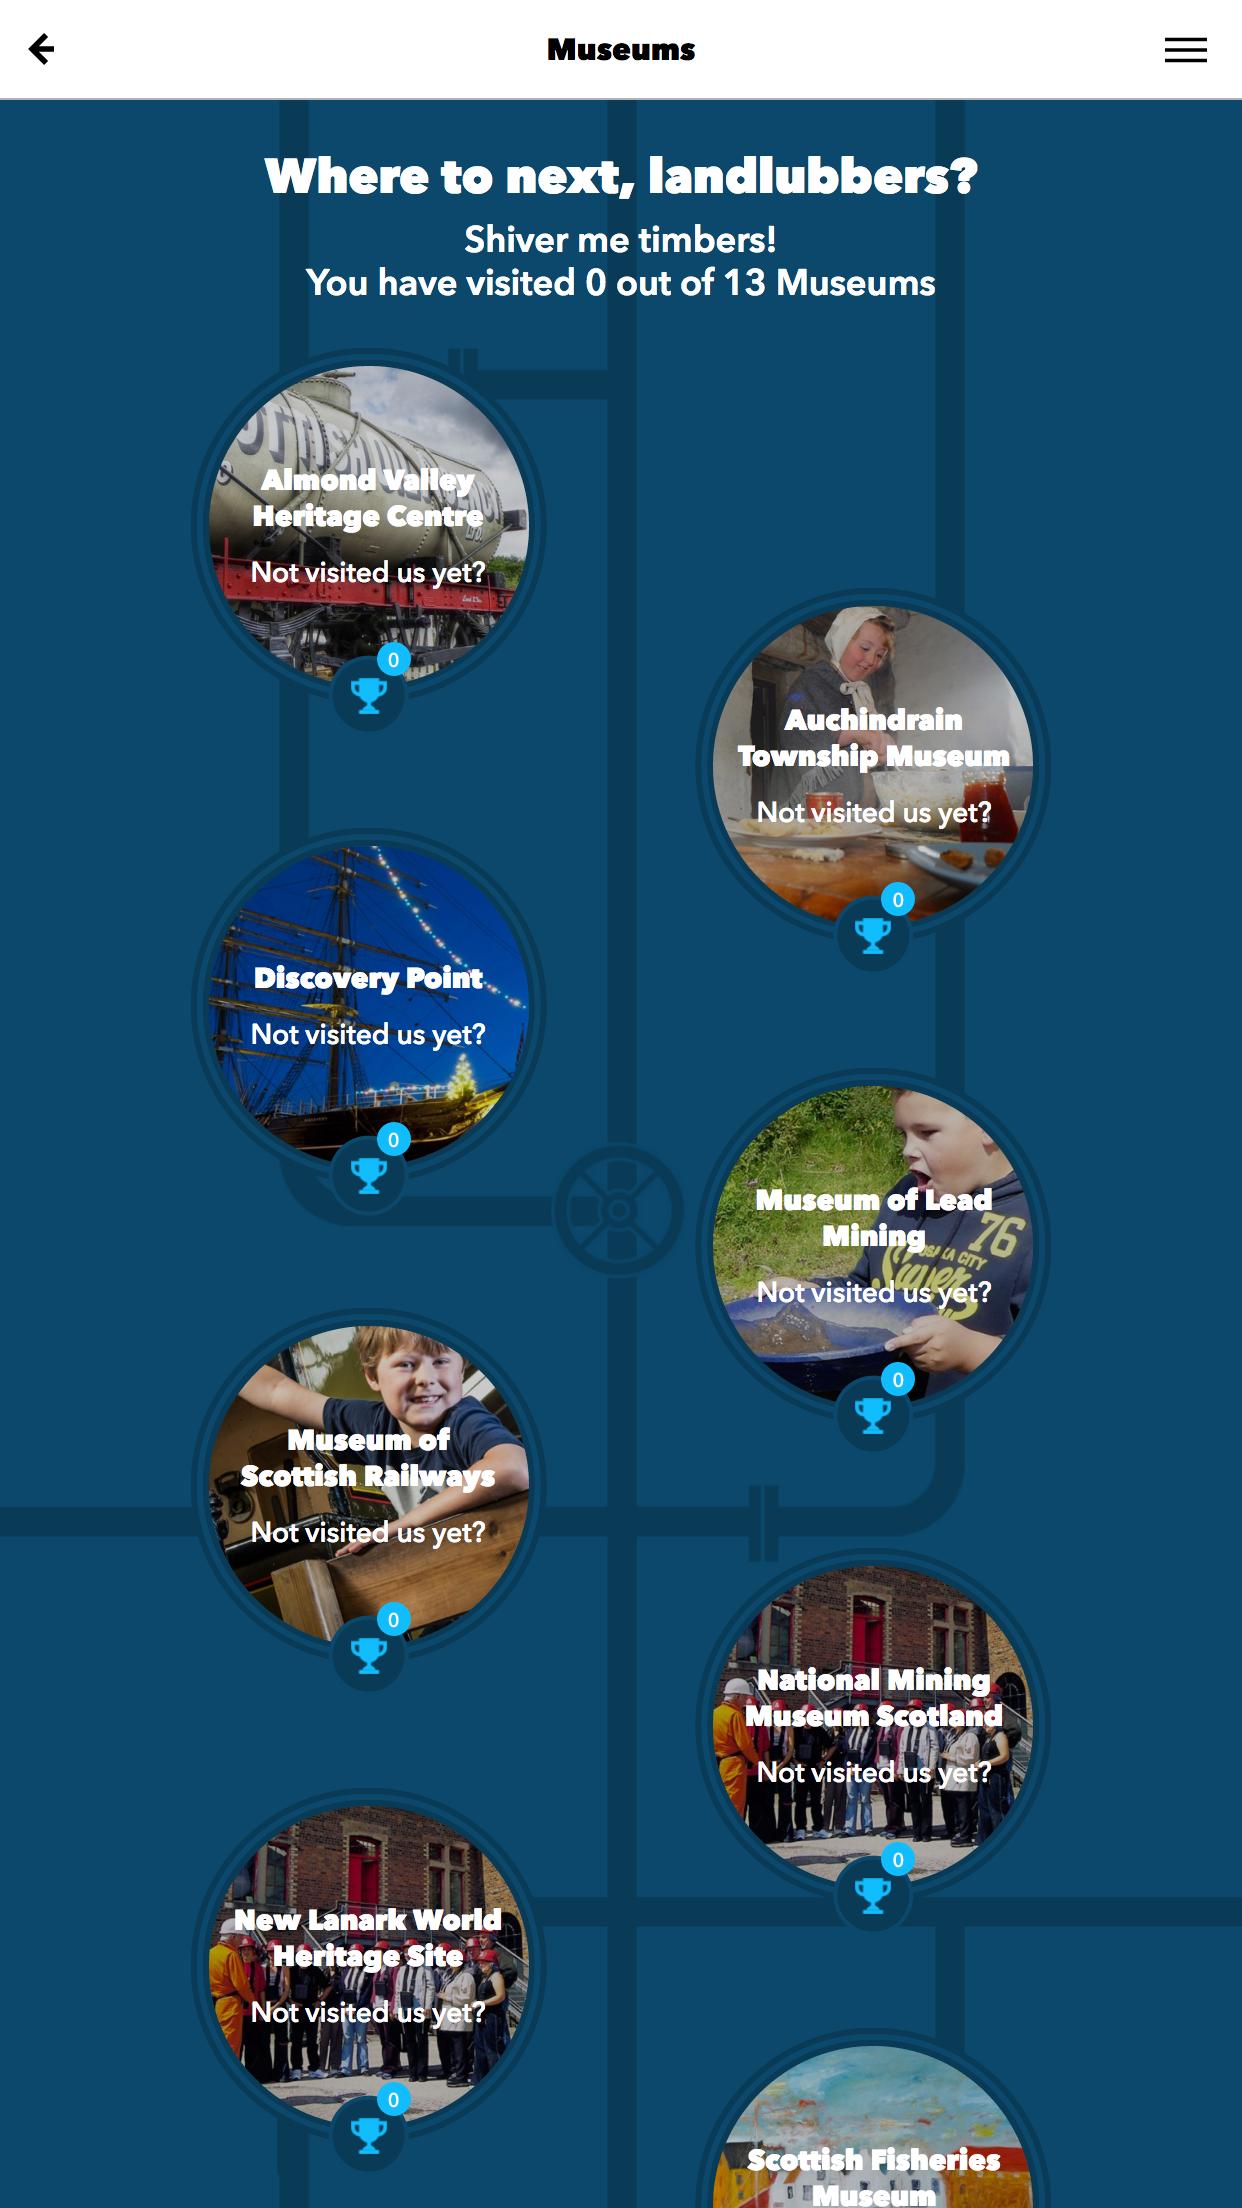 Go Industrial App: Museums